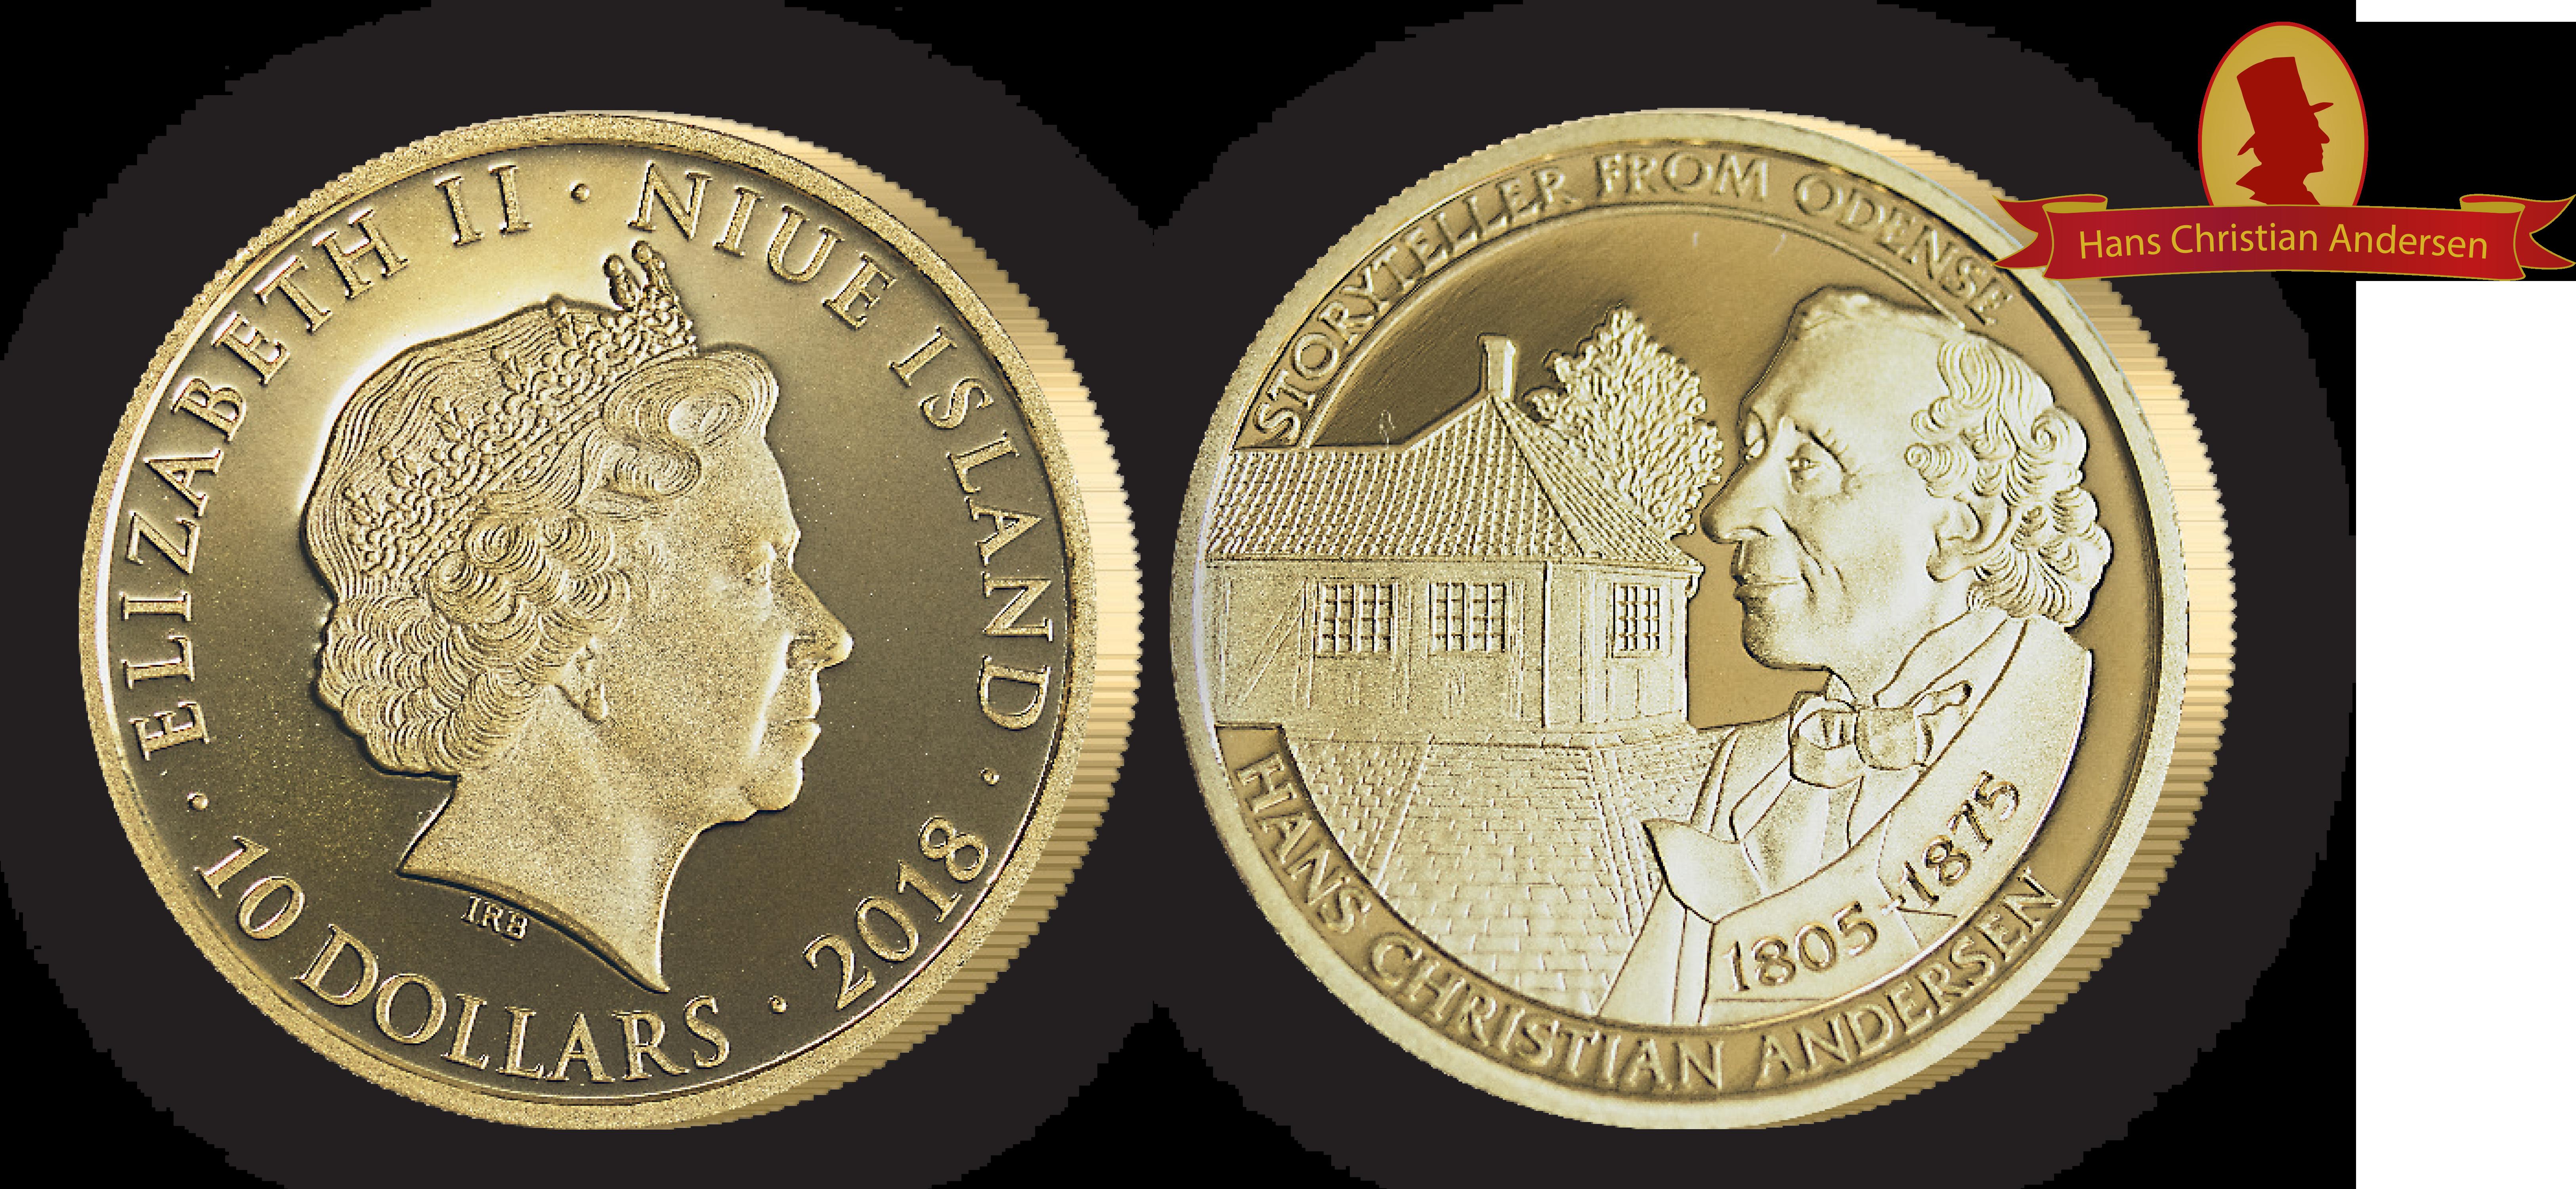 H.C Andersen Guldmønt - Første mønt med motiv af H.C Andersens hus i 99,9% guld